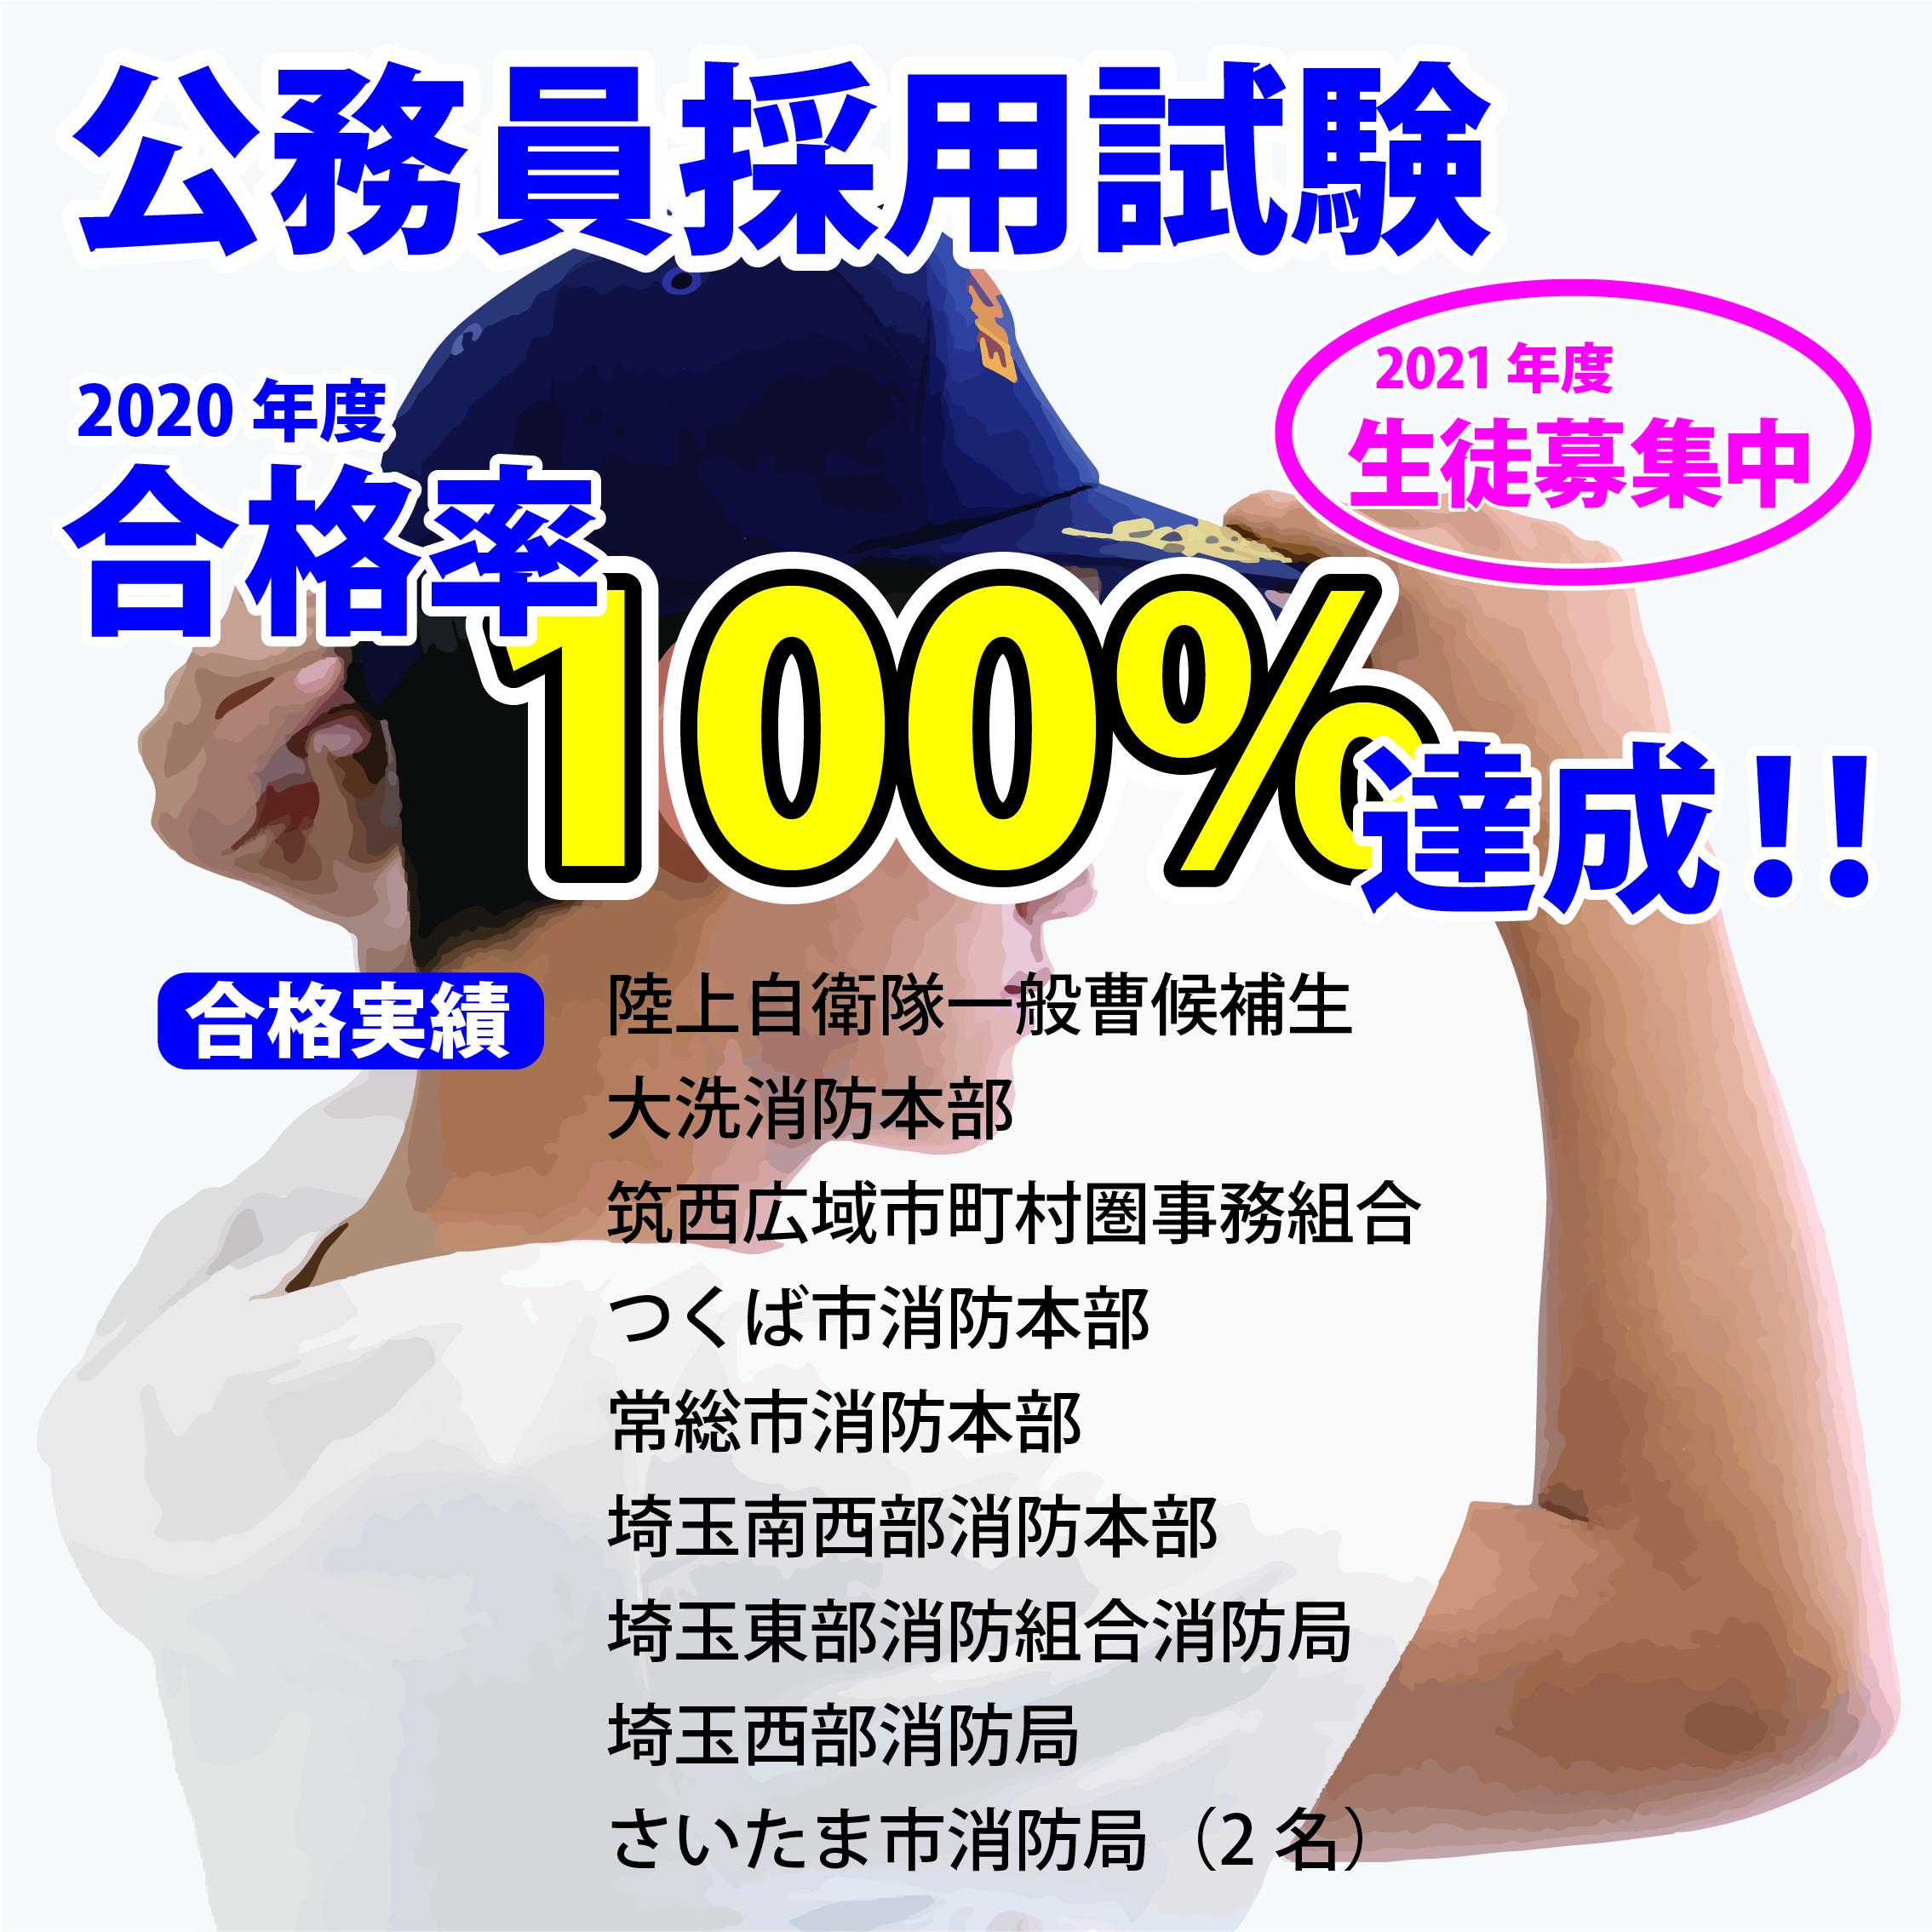 公務員試験合格率100%を達成しました‼